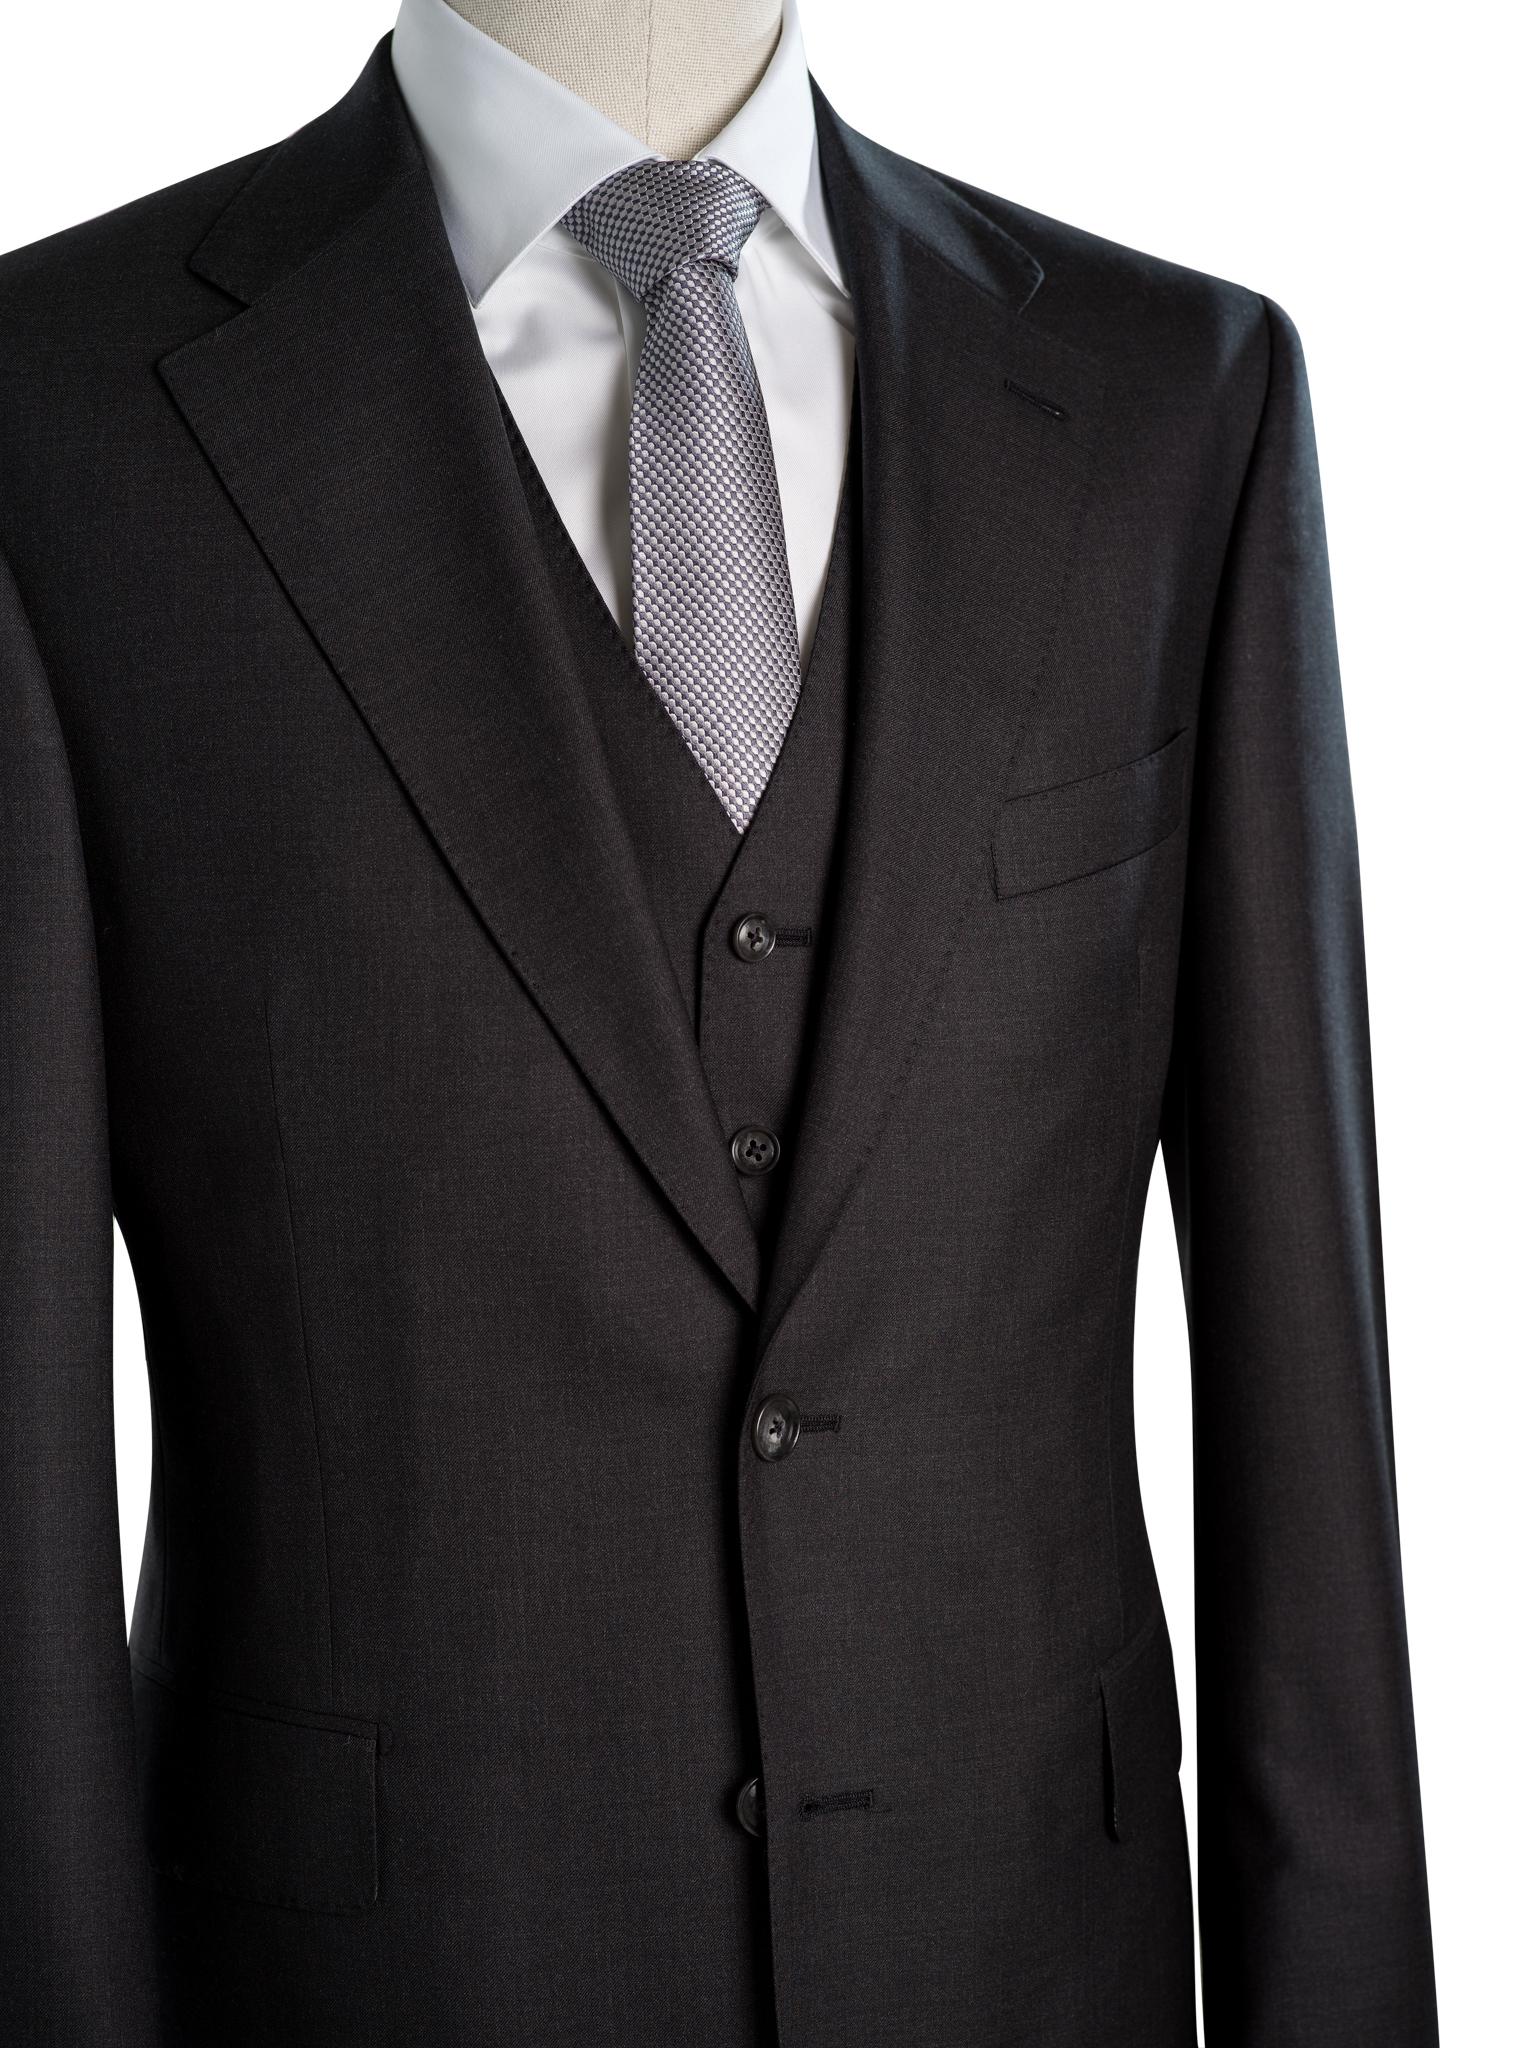 dreiteiliger grauer Anzug Maßanzug Wien buttondown.jpg